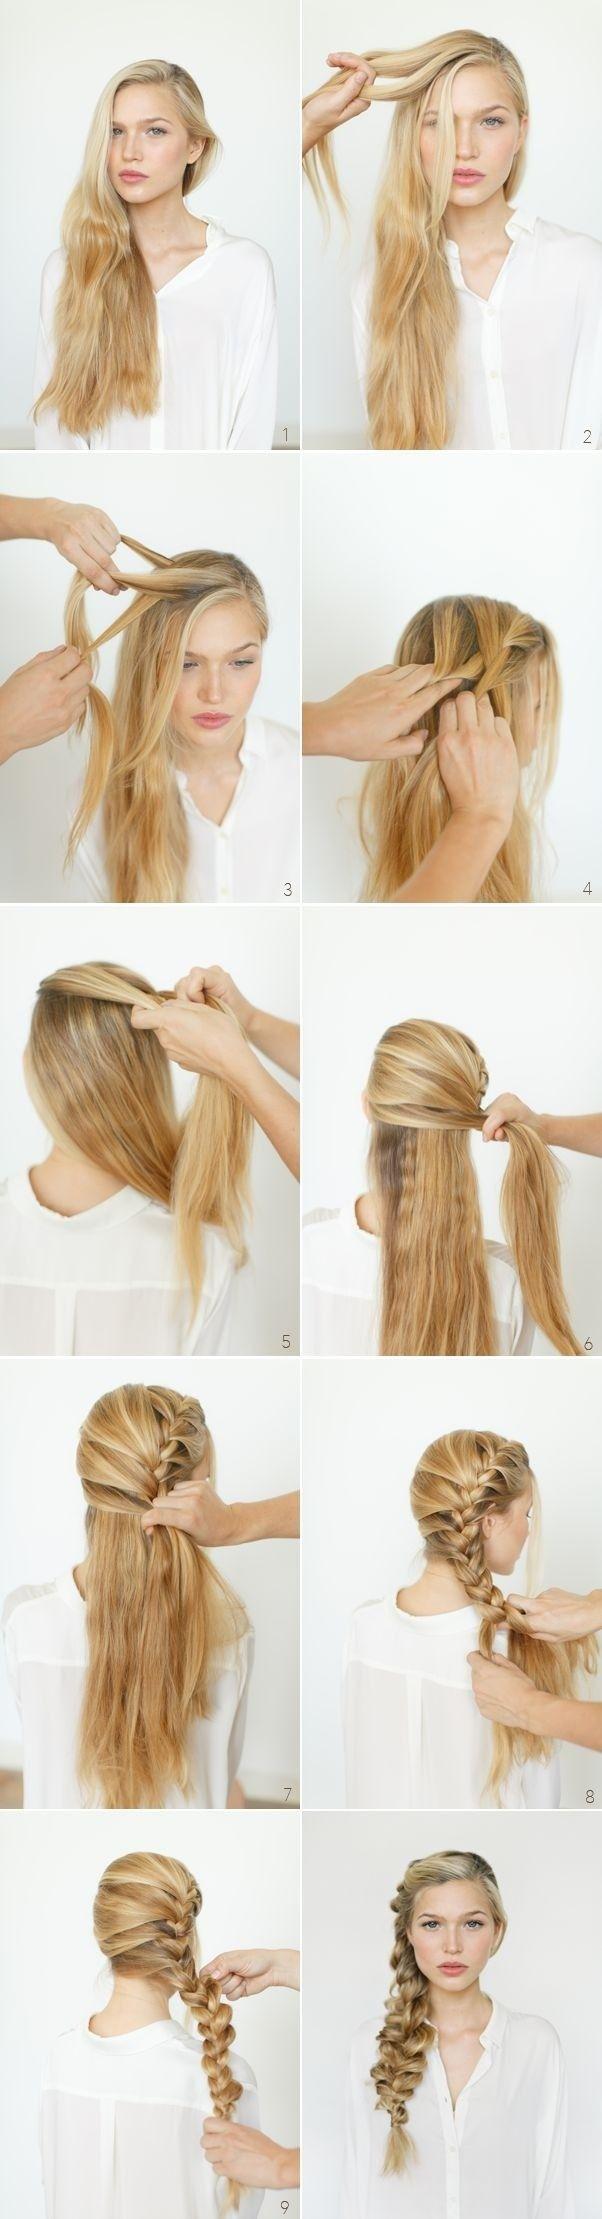 8 Cute Braided Hairstyles for Girls: Long Hair Ideas 2014 - 2015: